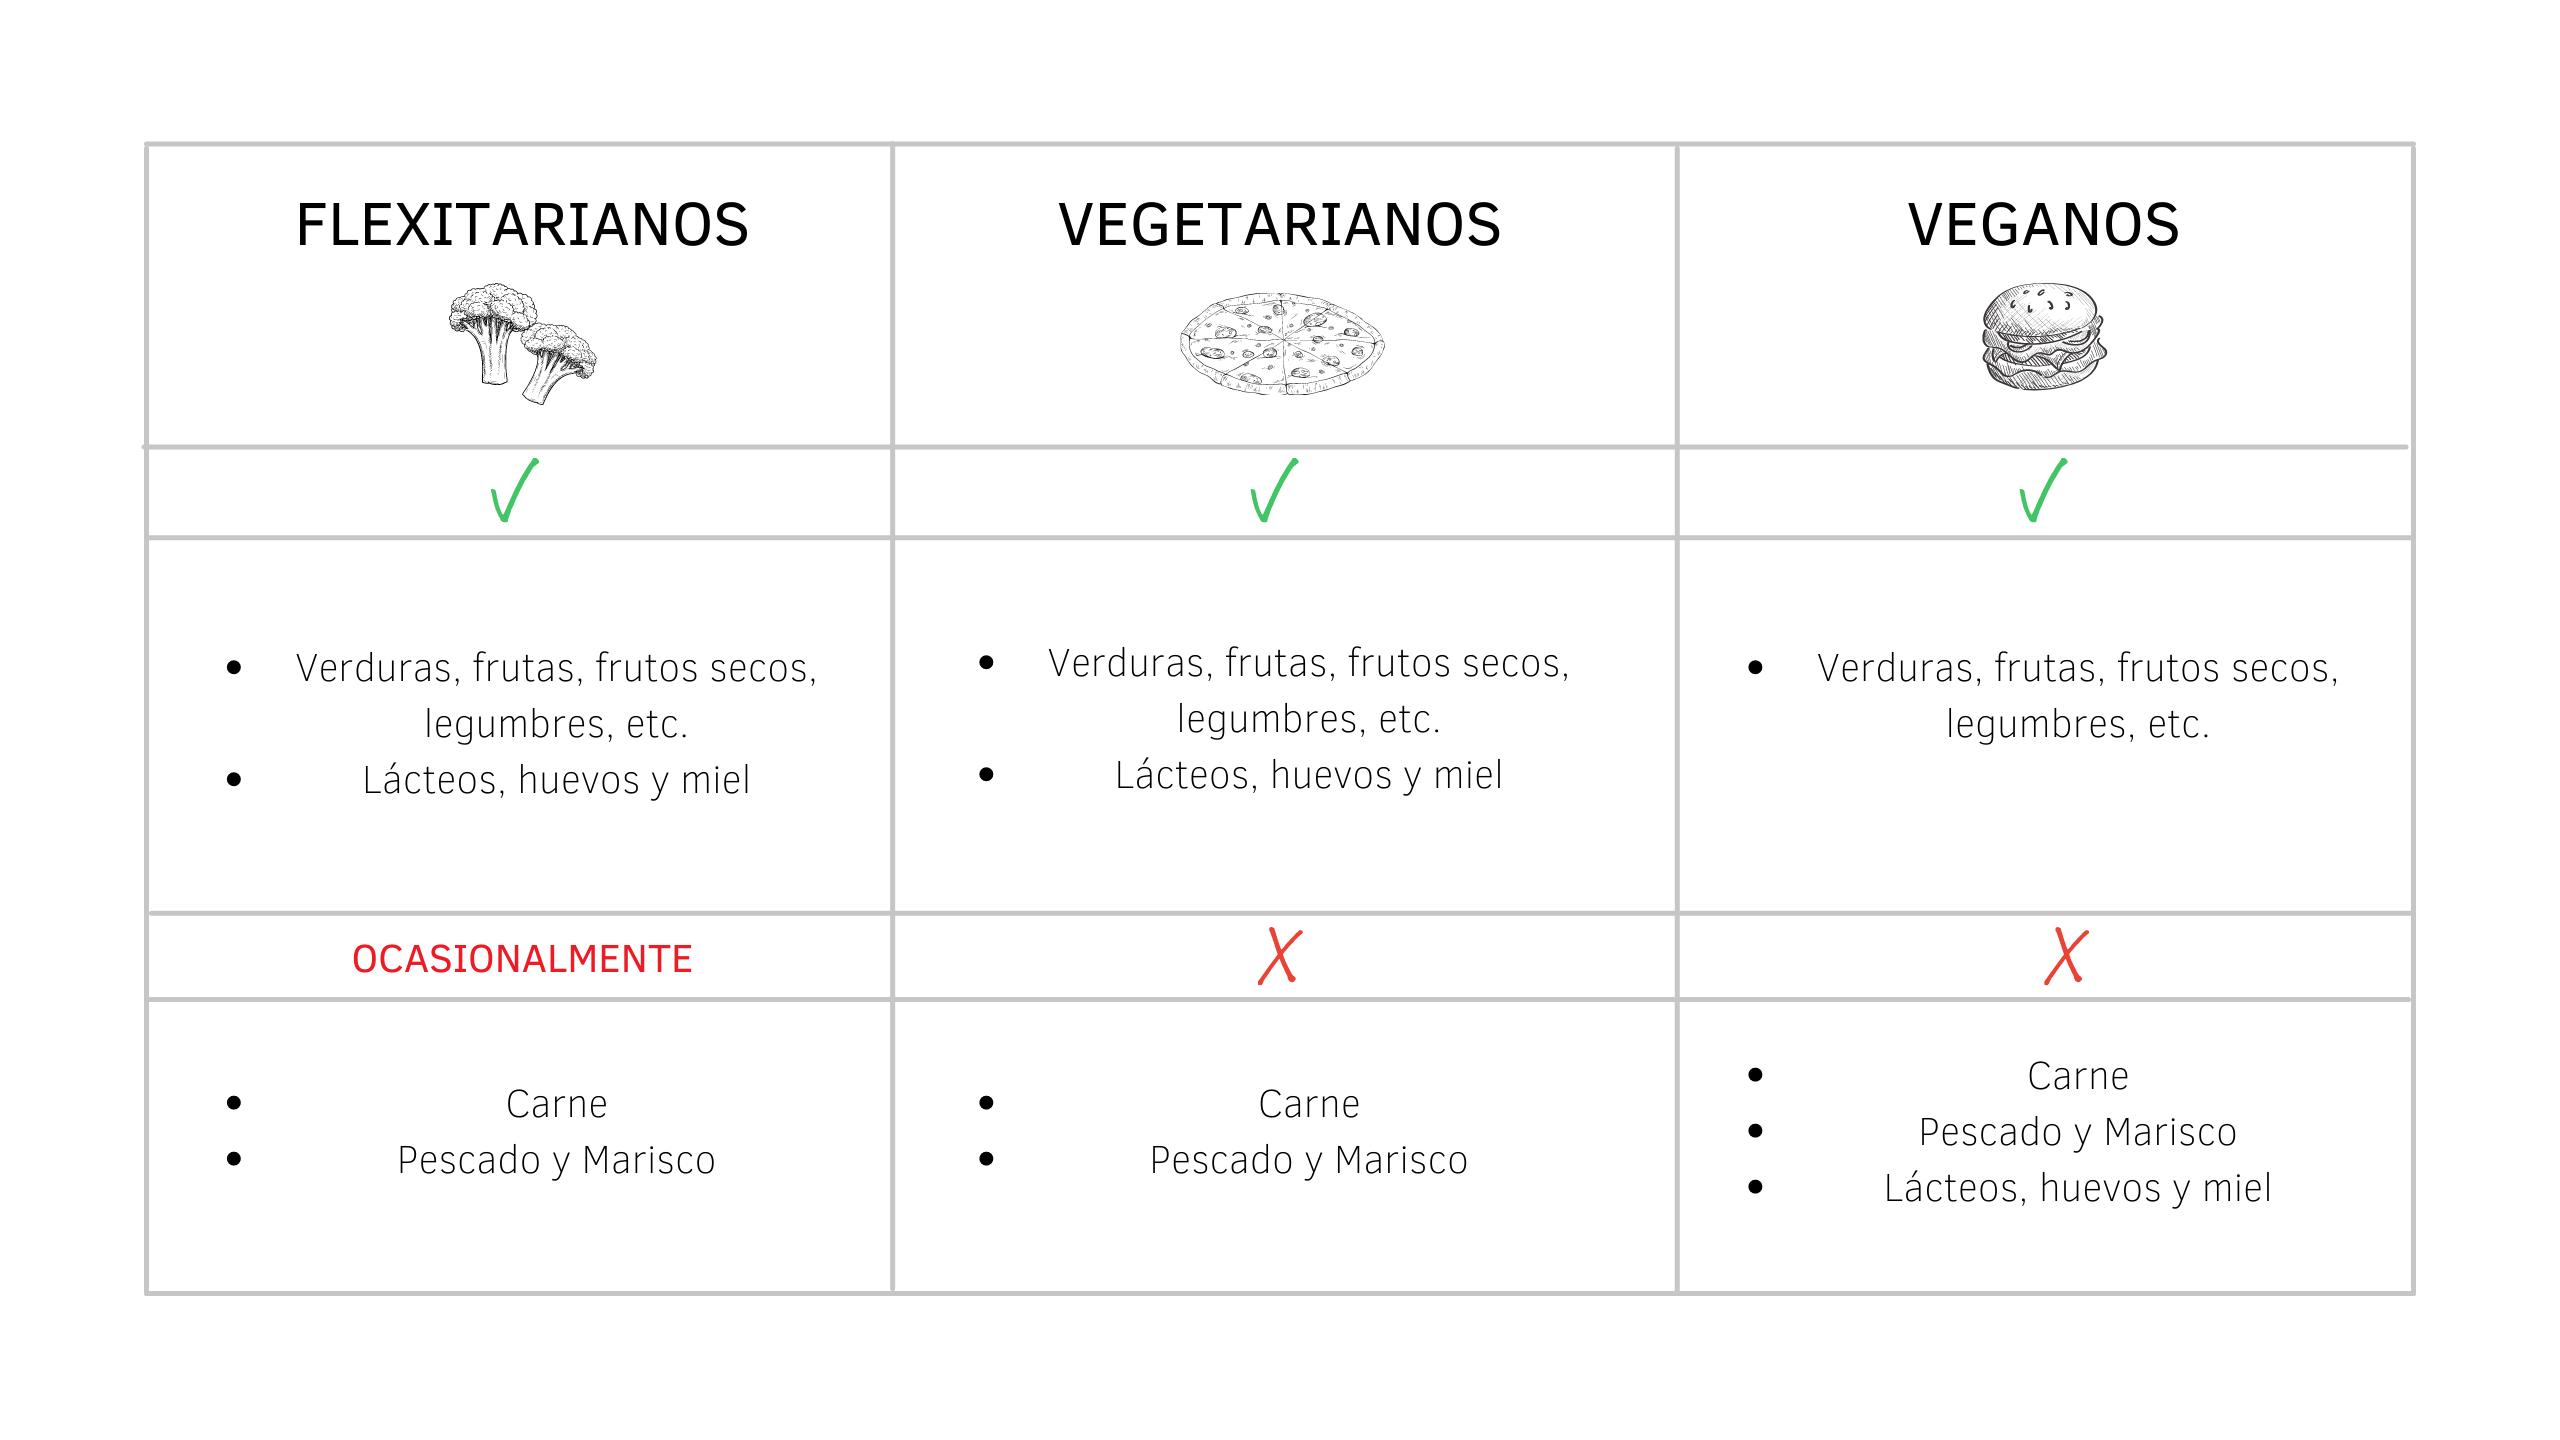 Veggies: Flexitarianos, vegetarianos y veganos